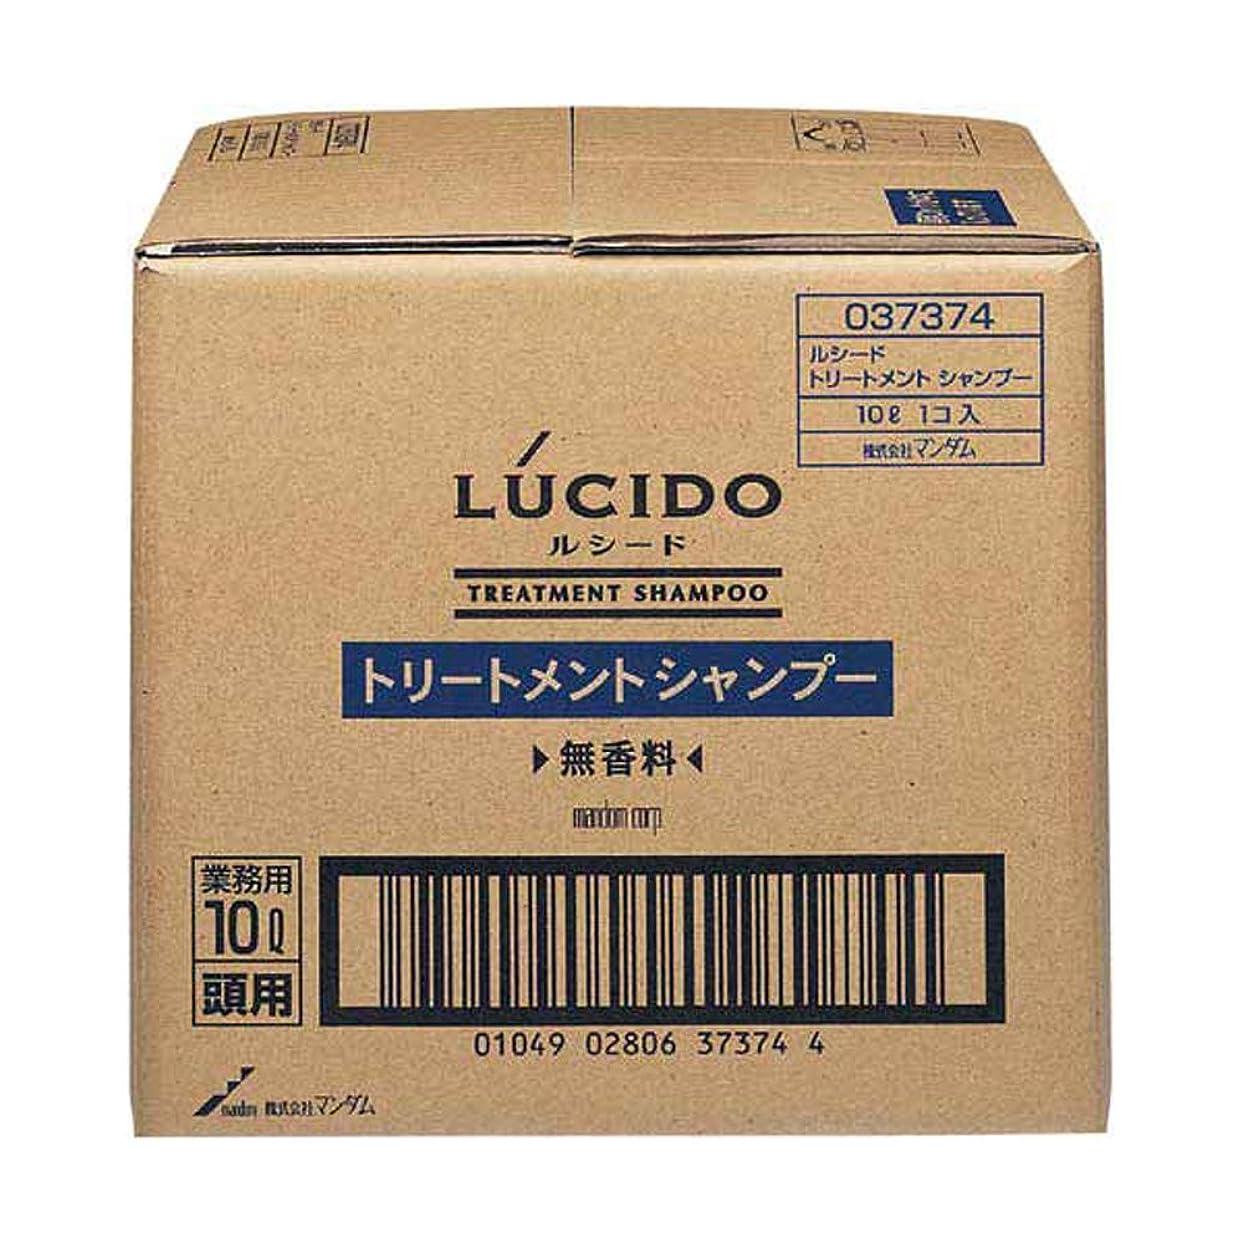 落胆した癒す外交官LUCIDO (ルシード) トリートメントシャンプー 業務用 10L